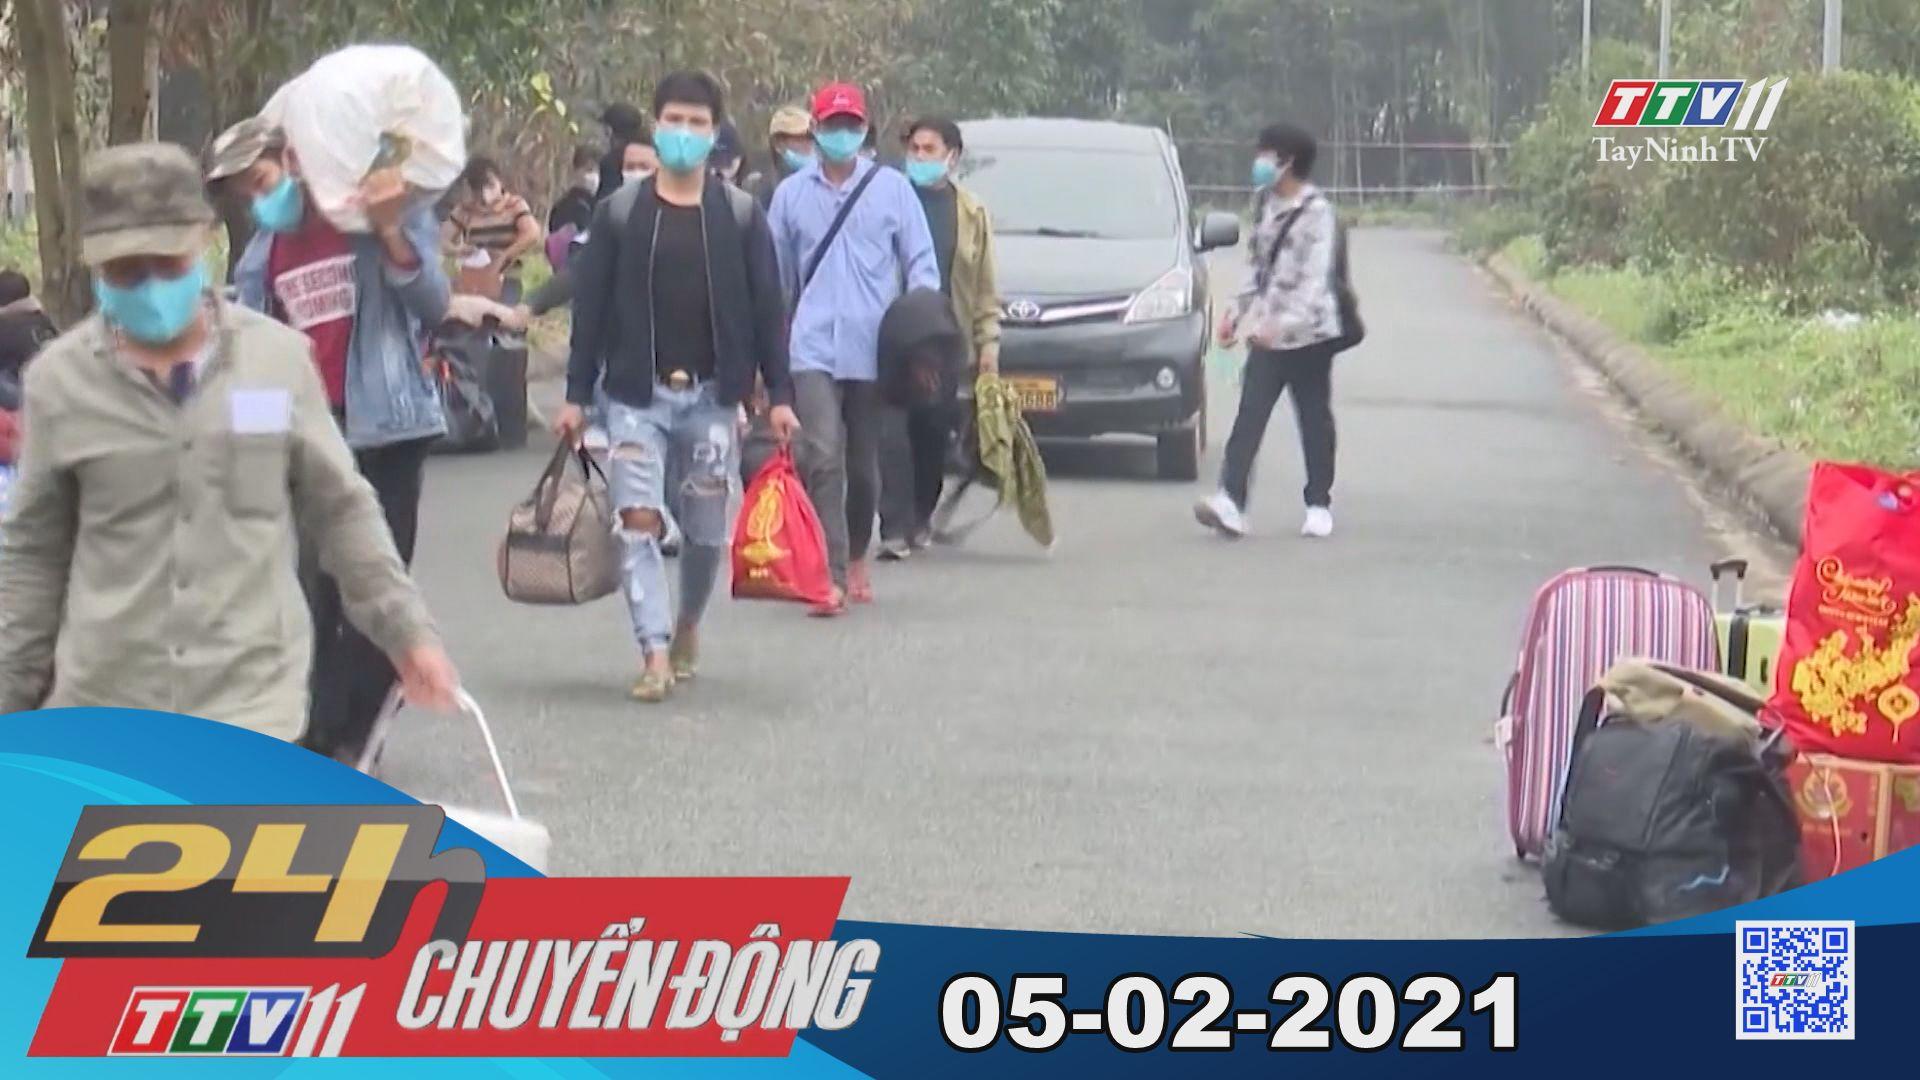 24h Chuyển động 05-02-2021   Tin tức hôm nay   TayNinhTV